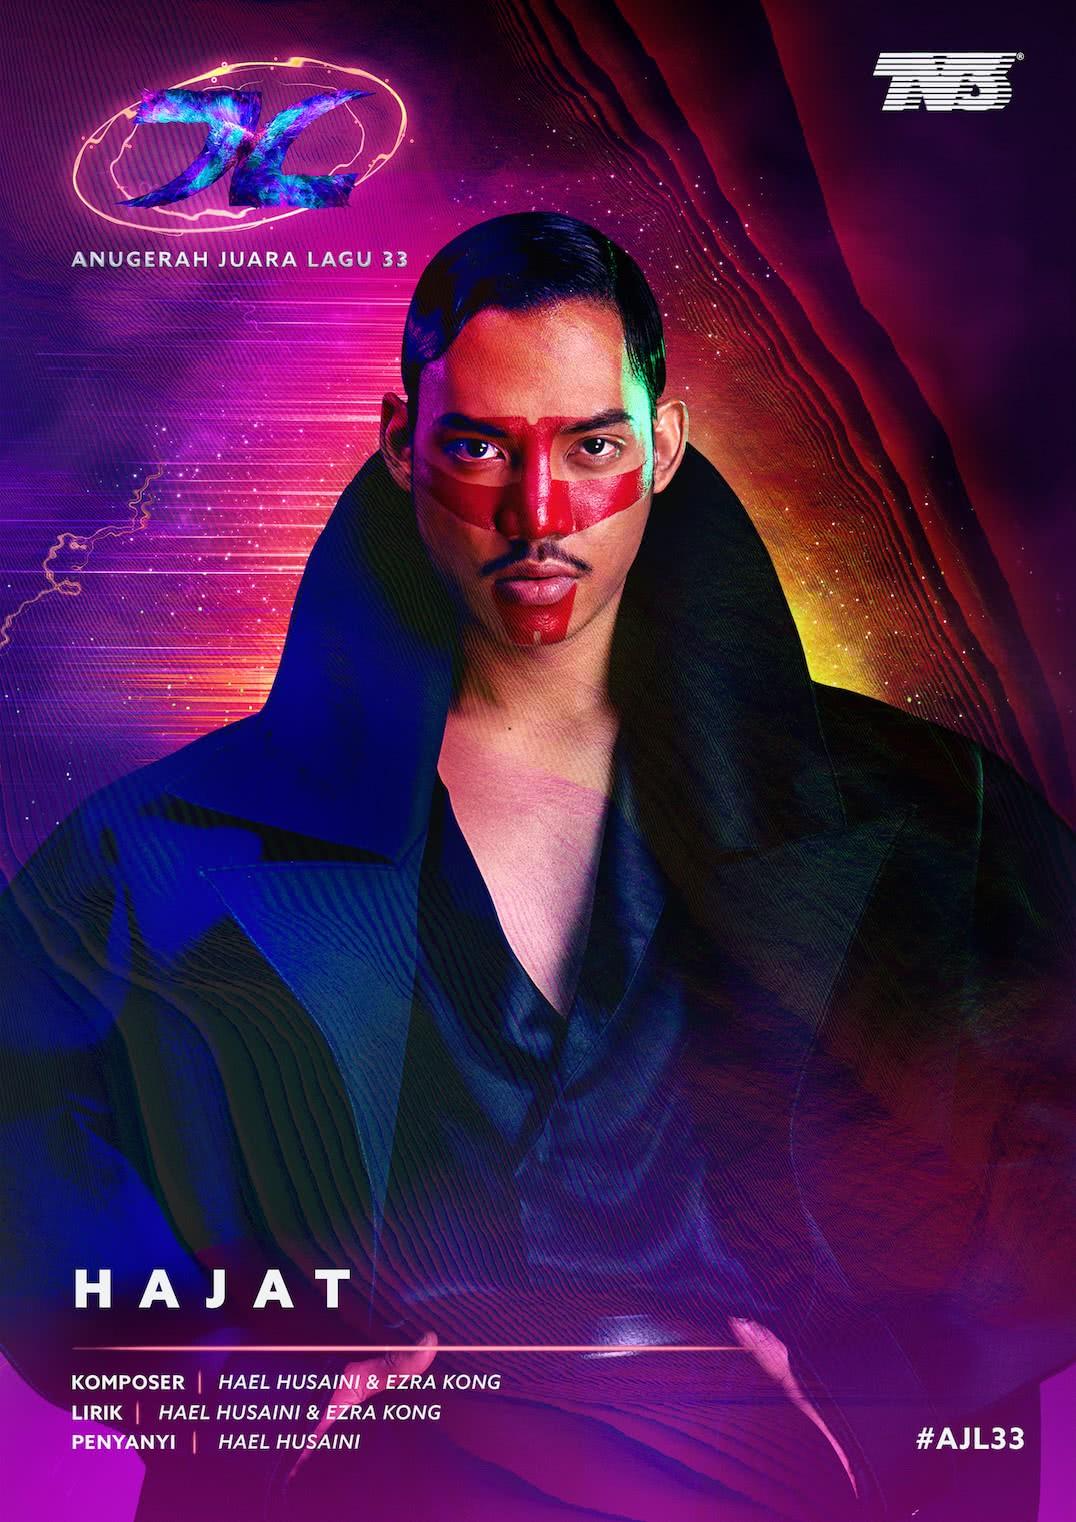 Hael Husaini AJL33